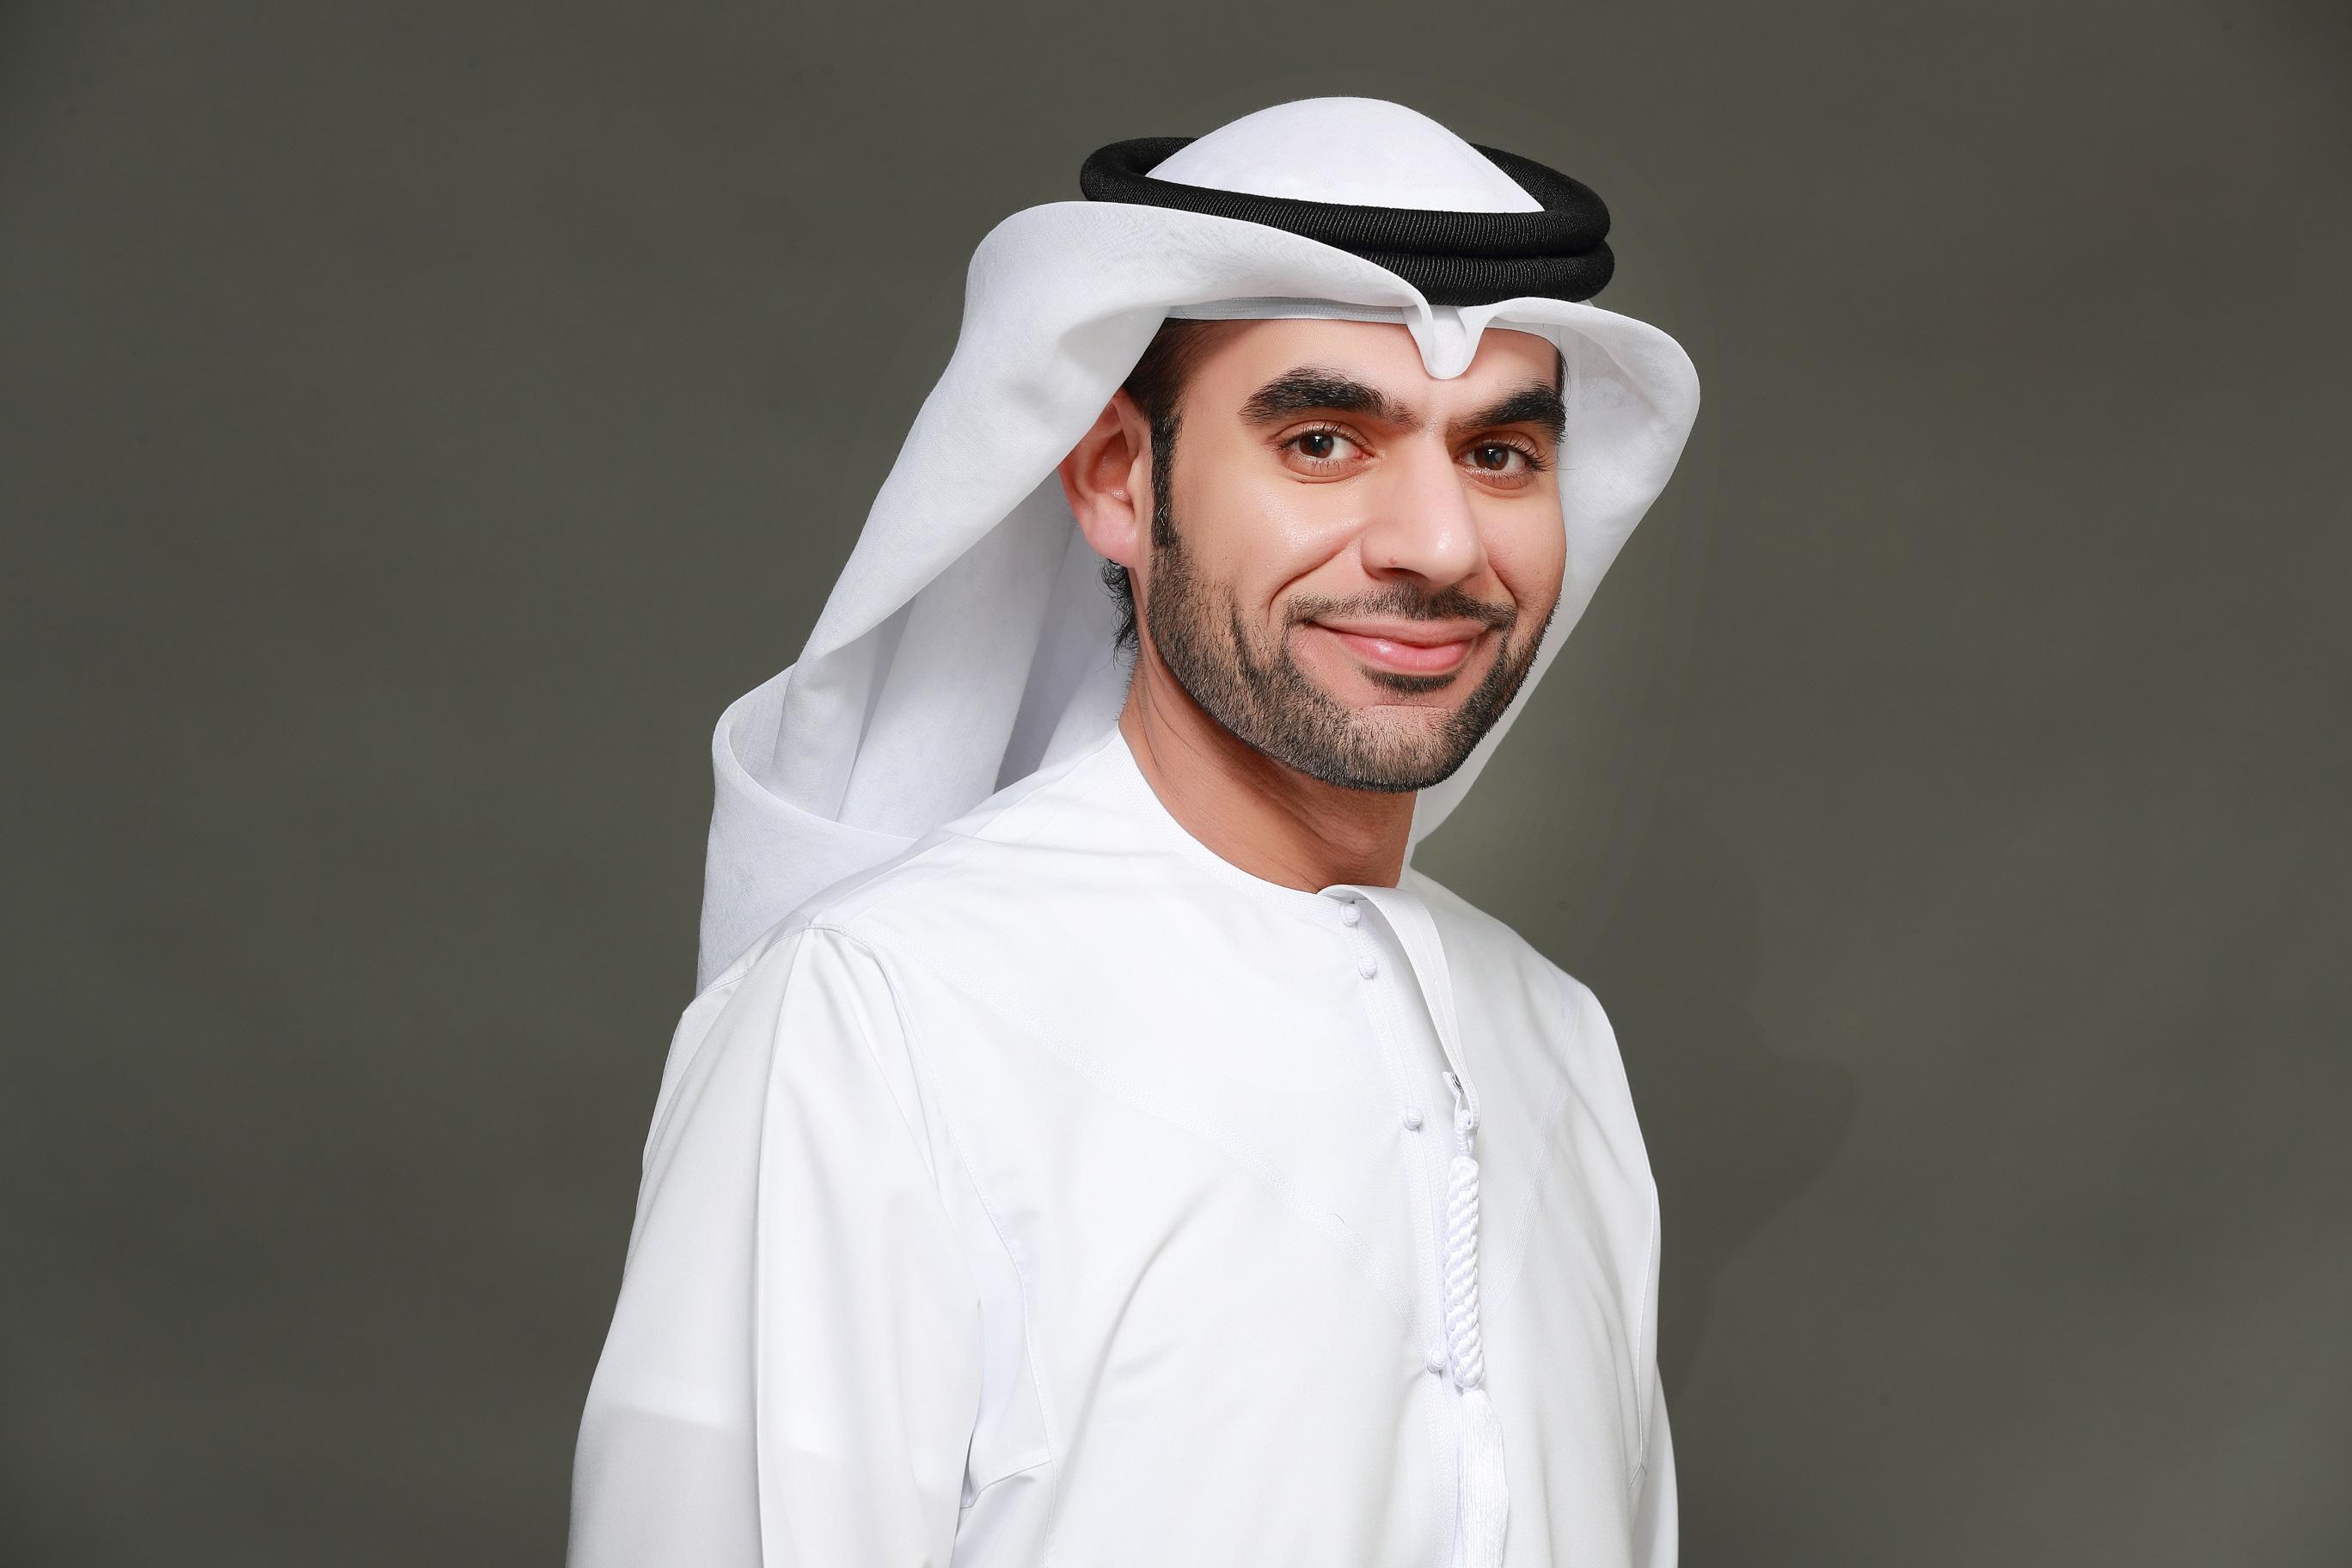 سعادة يونس آل ناصر مساعد مدير عام دبي الذكية